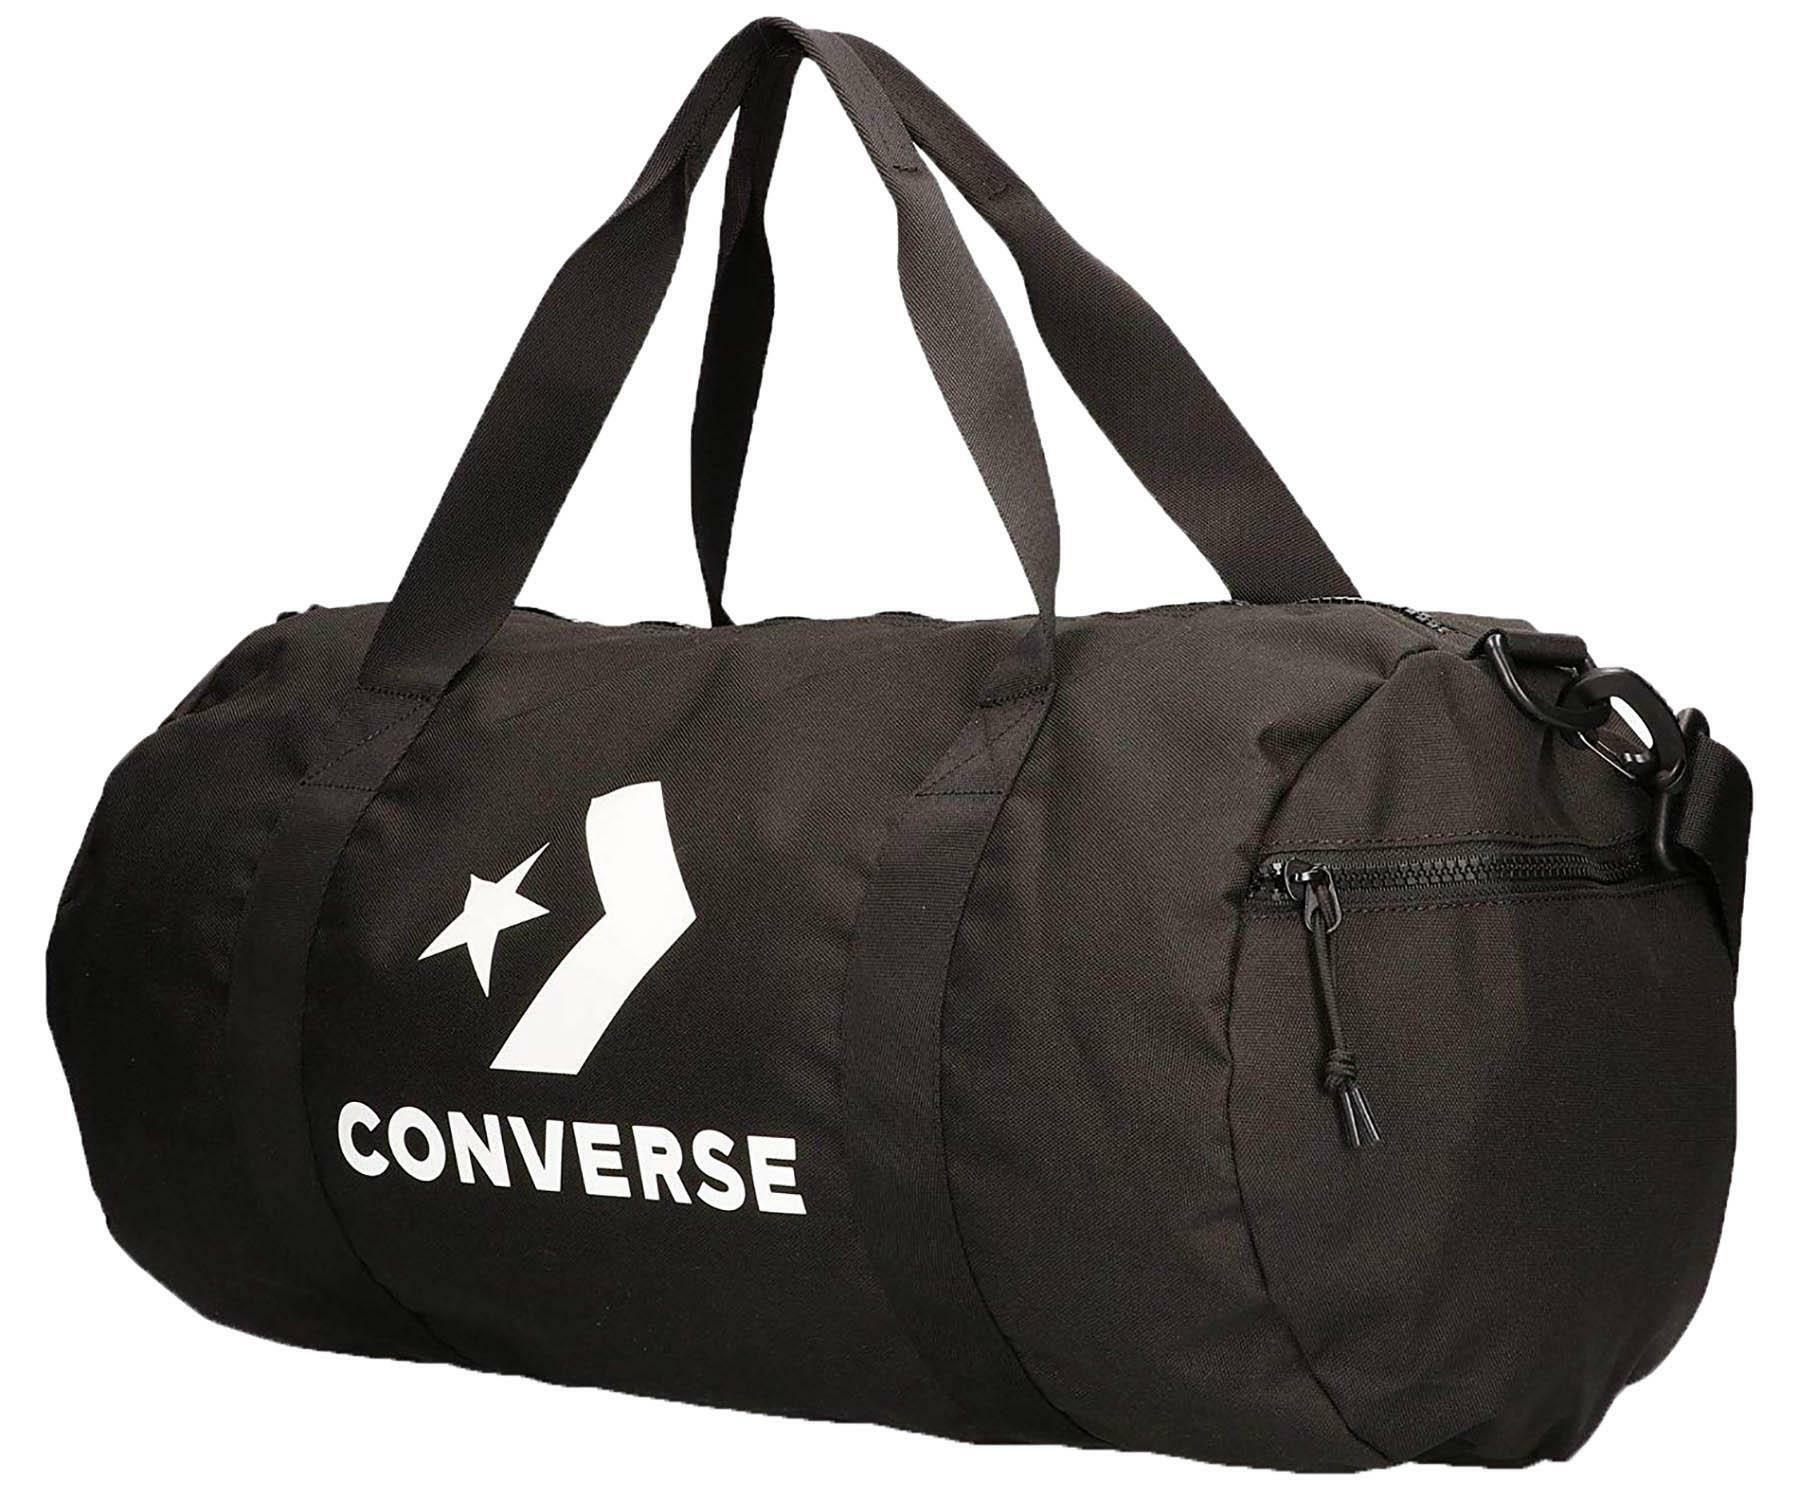 converse borsone nero 6944a01001